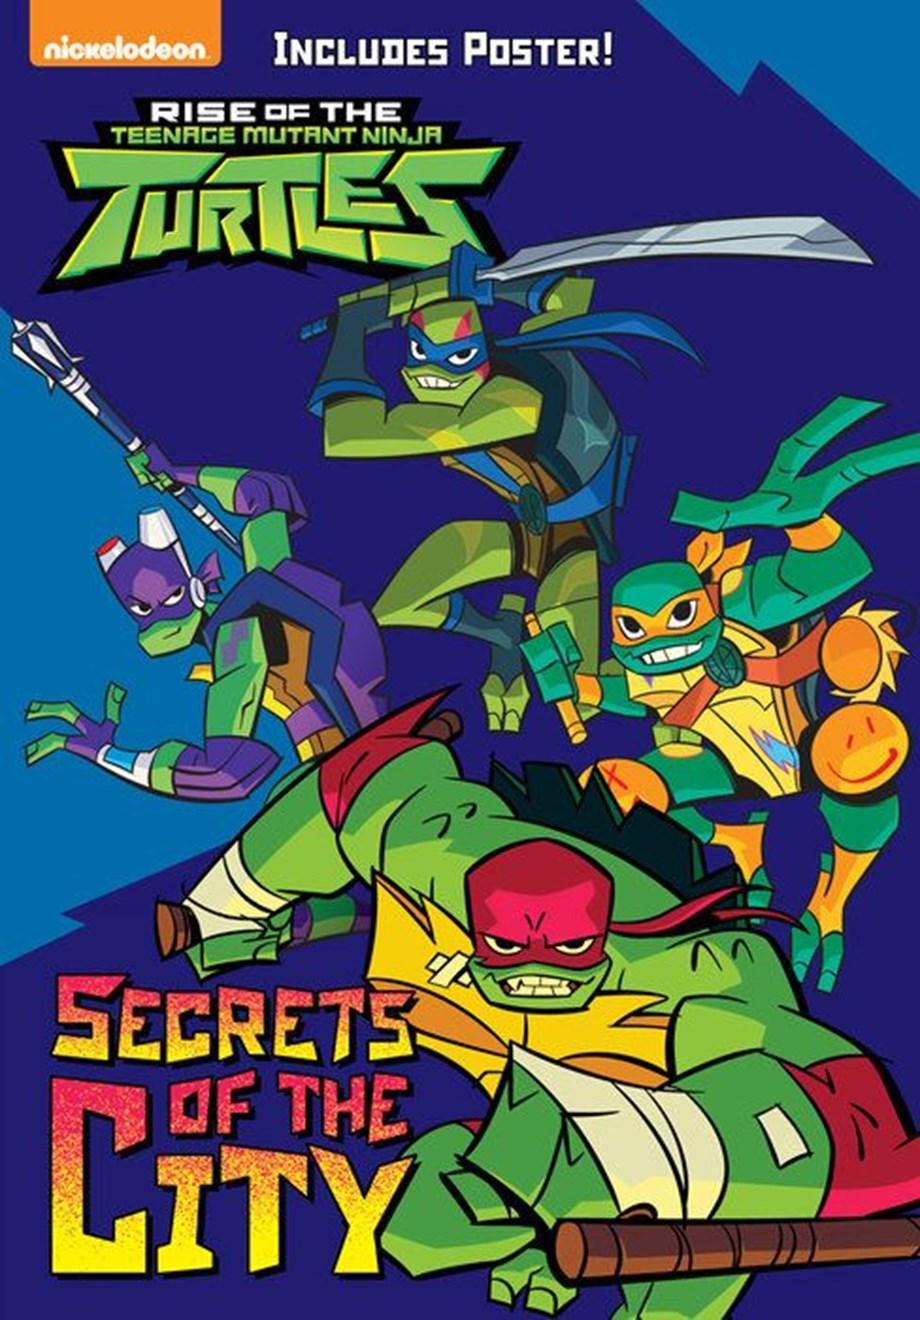 Nickelodeon's 'Rise of the Teenage Mutant Ninja Turtles' Gets Annecy First Look